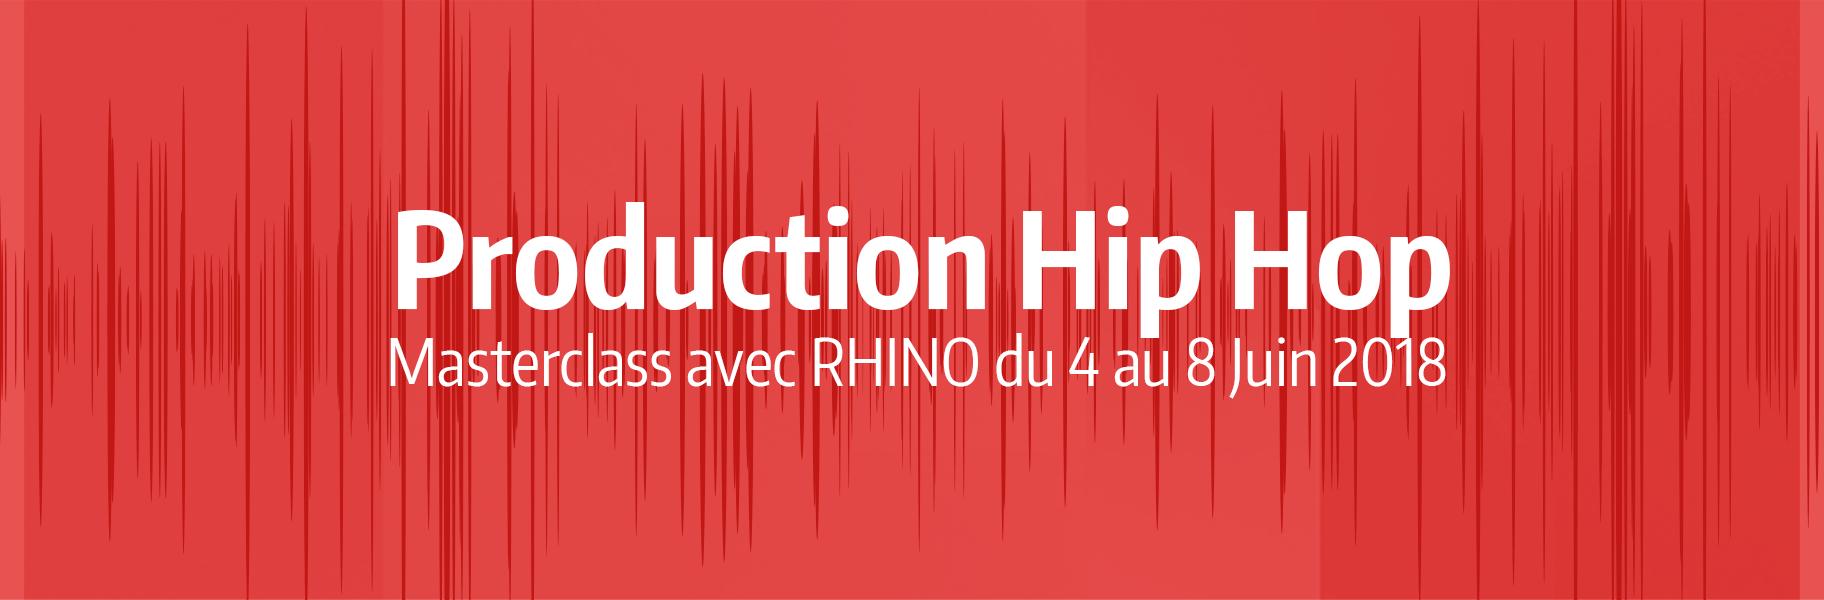 Production Hip Hop - Masterclass avec Rhino du 4 au 8 Juin 2018